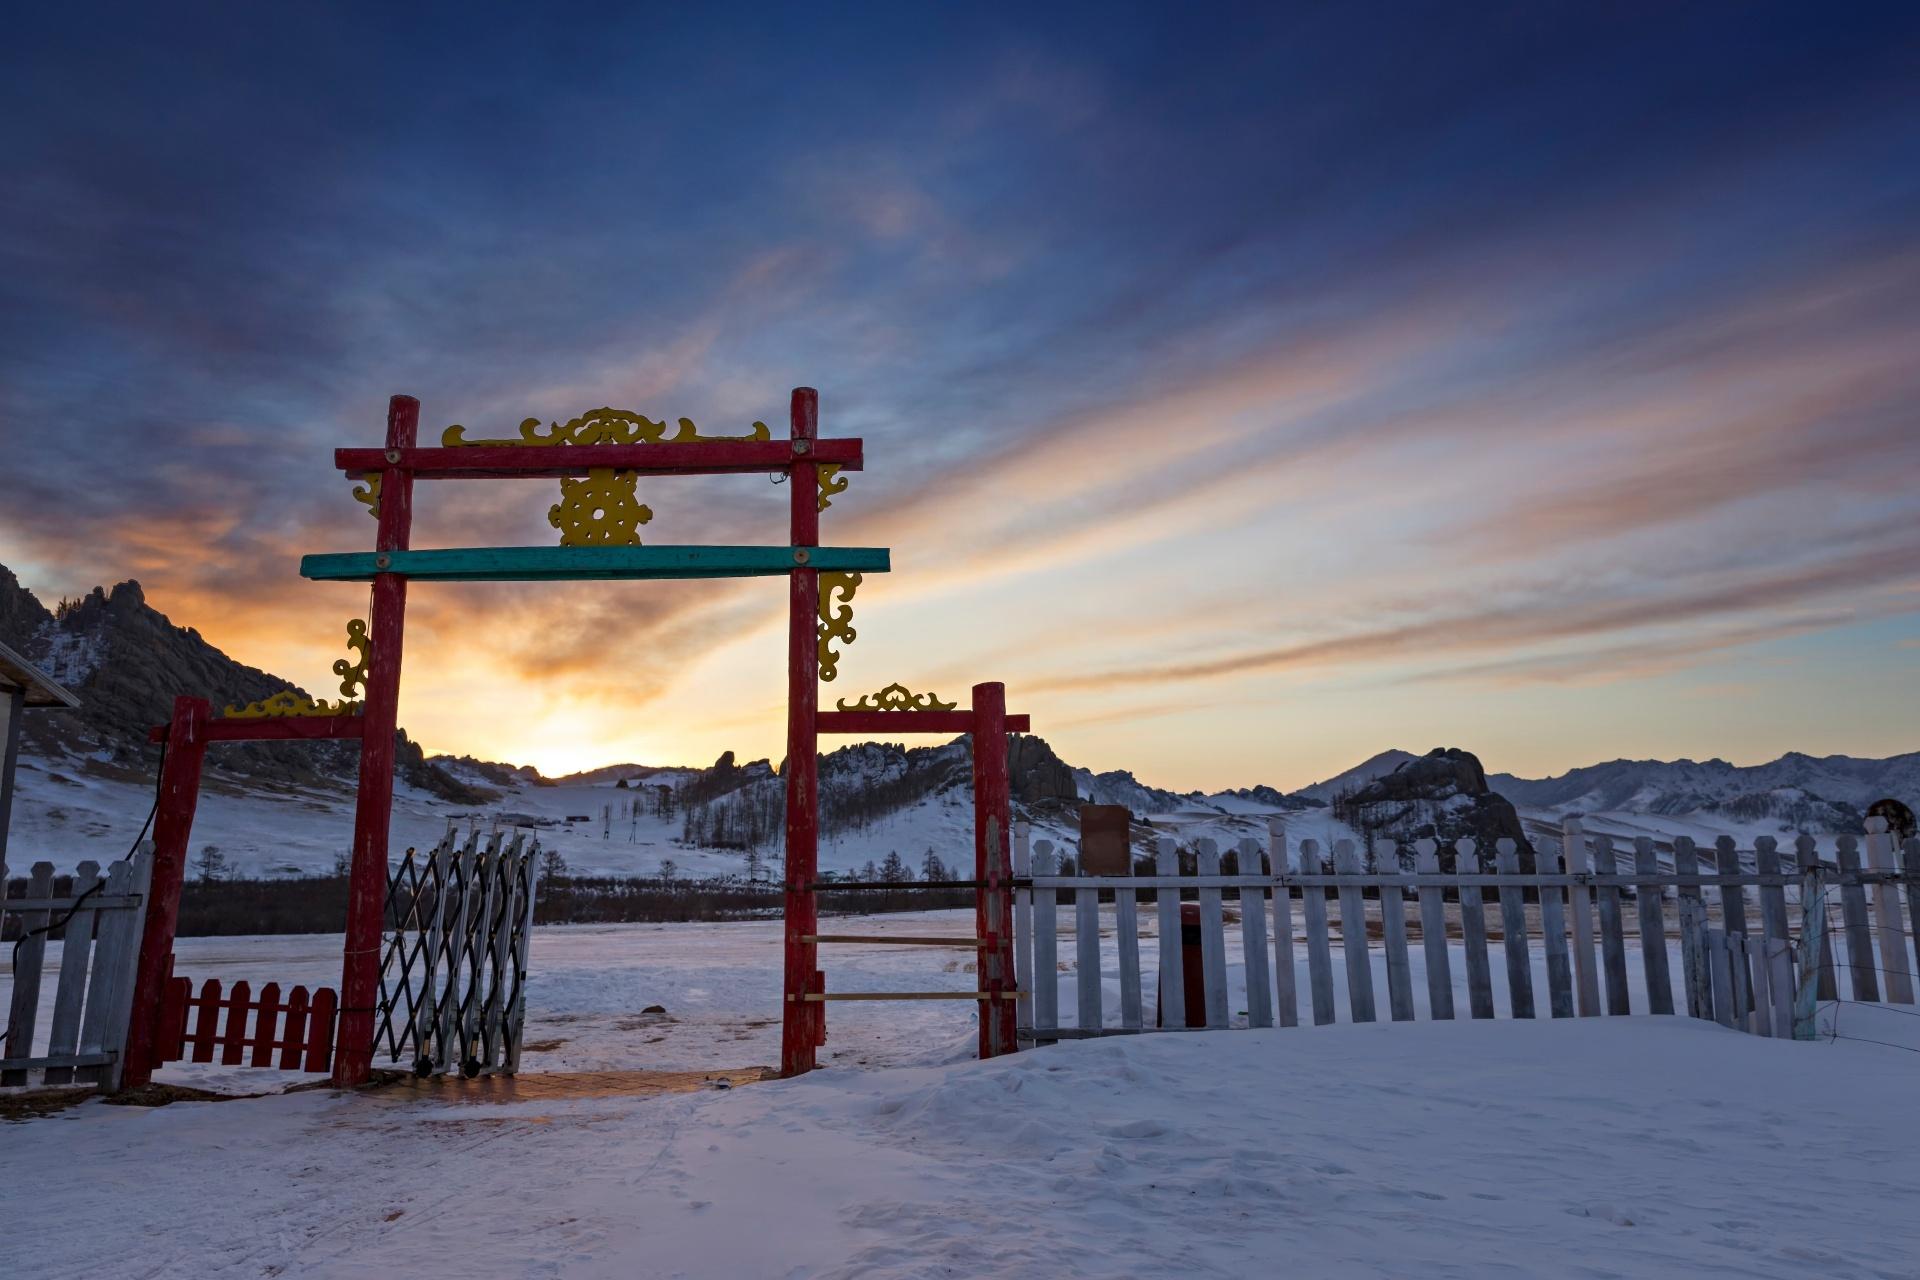 夜明けの風景 モンゴルの風景